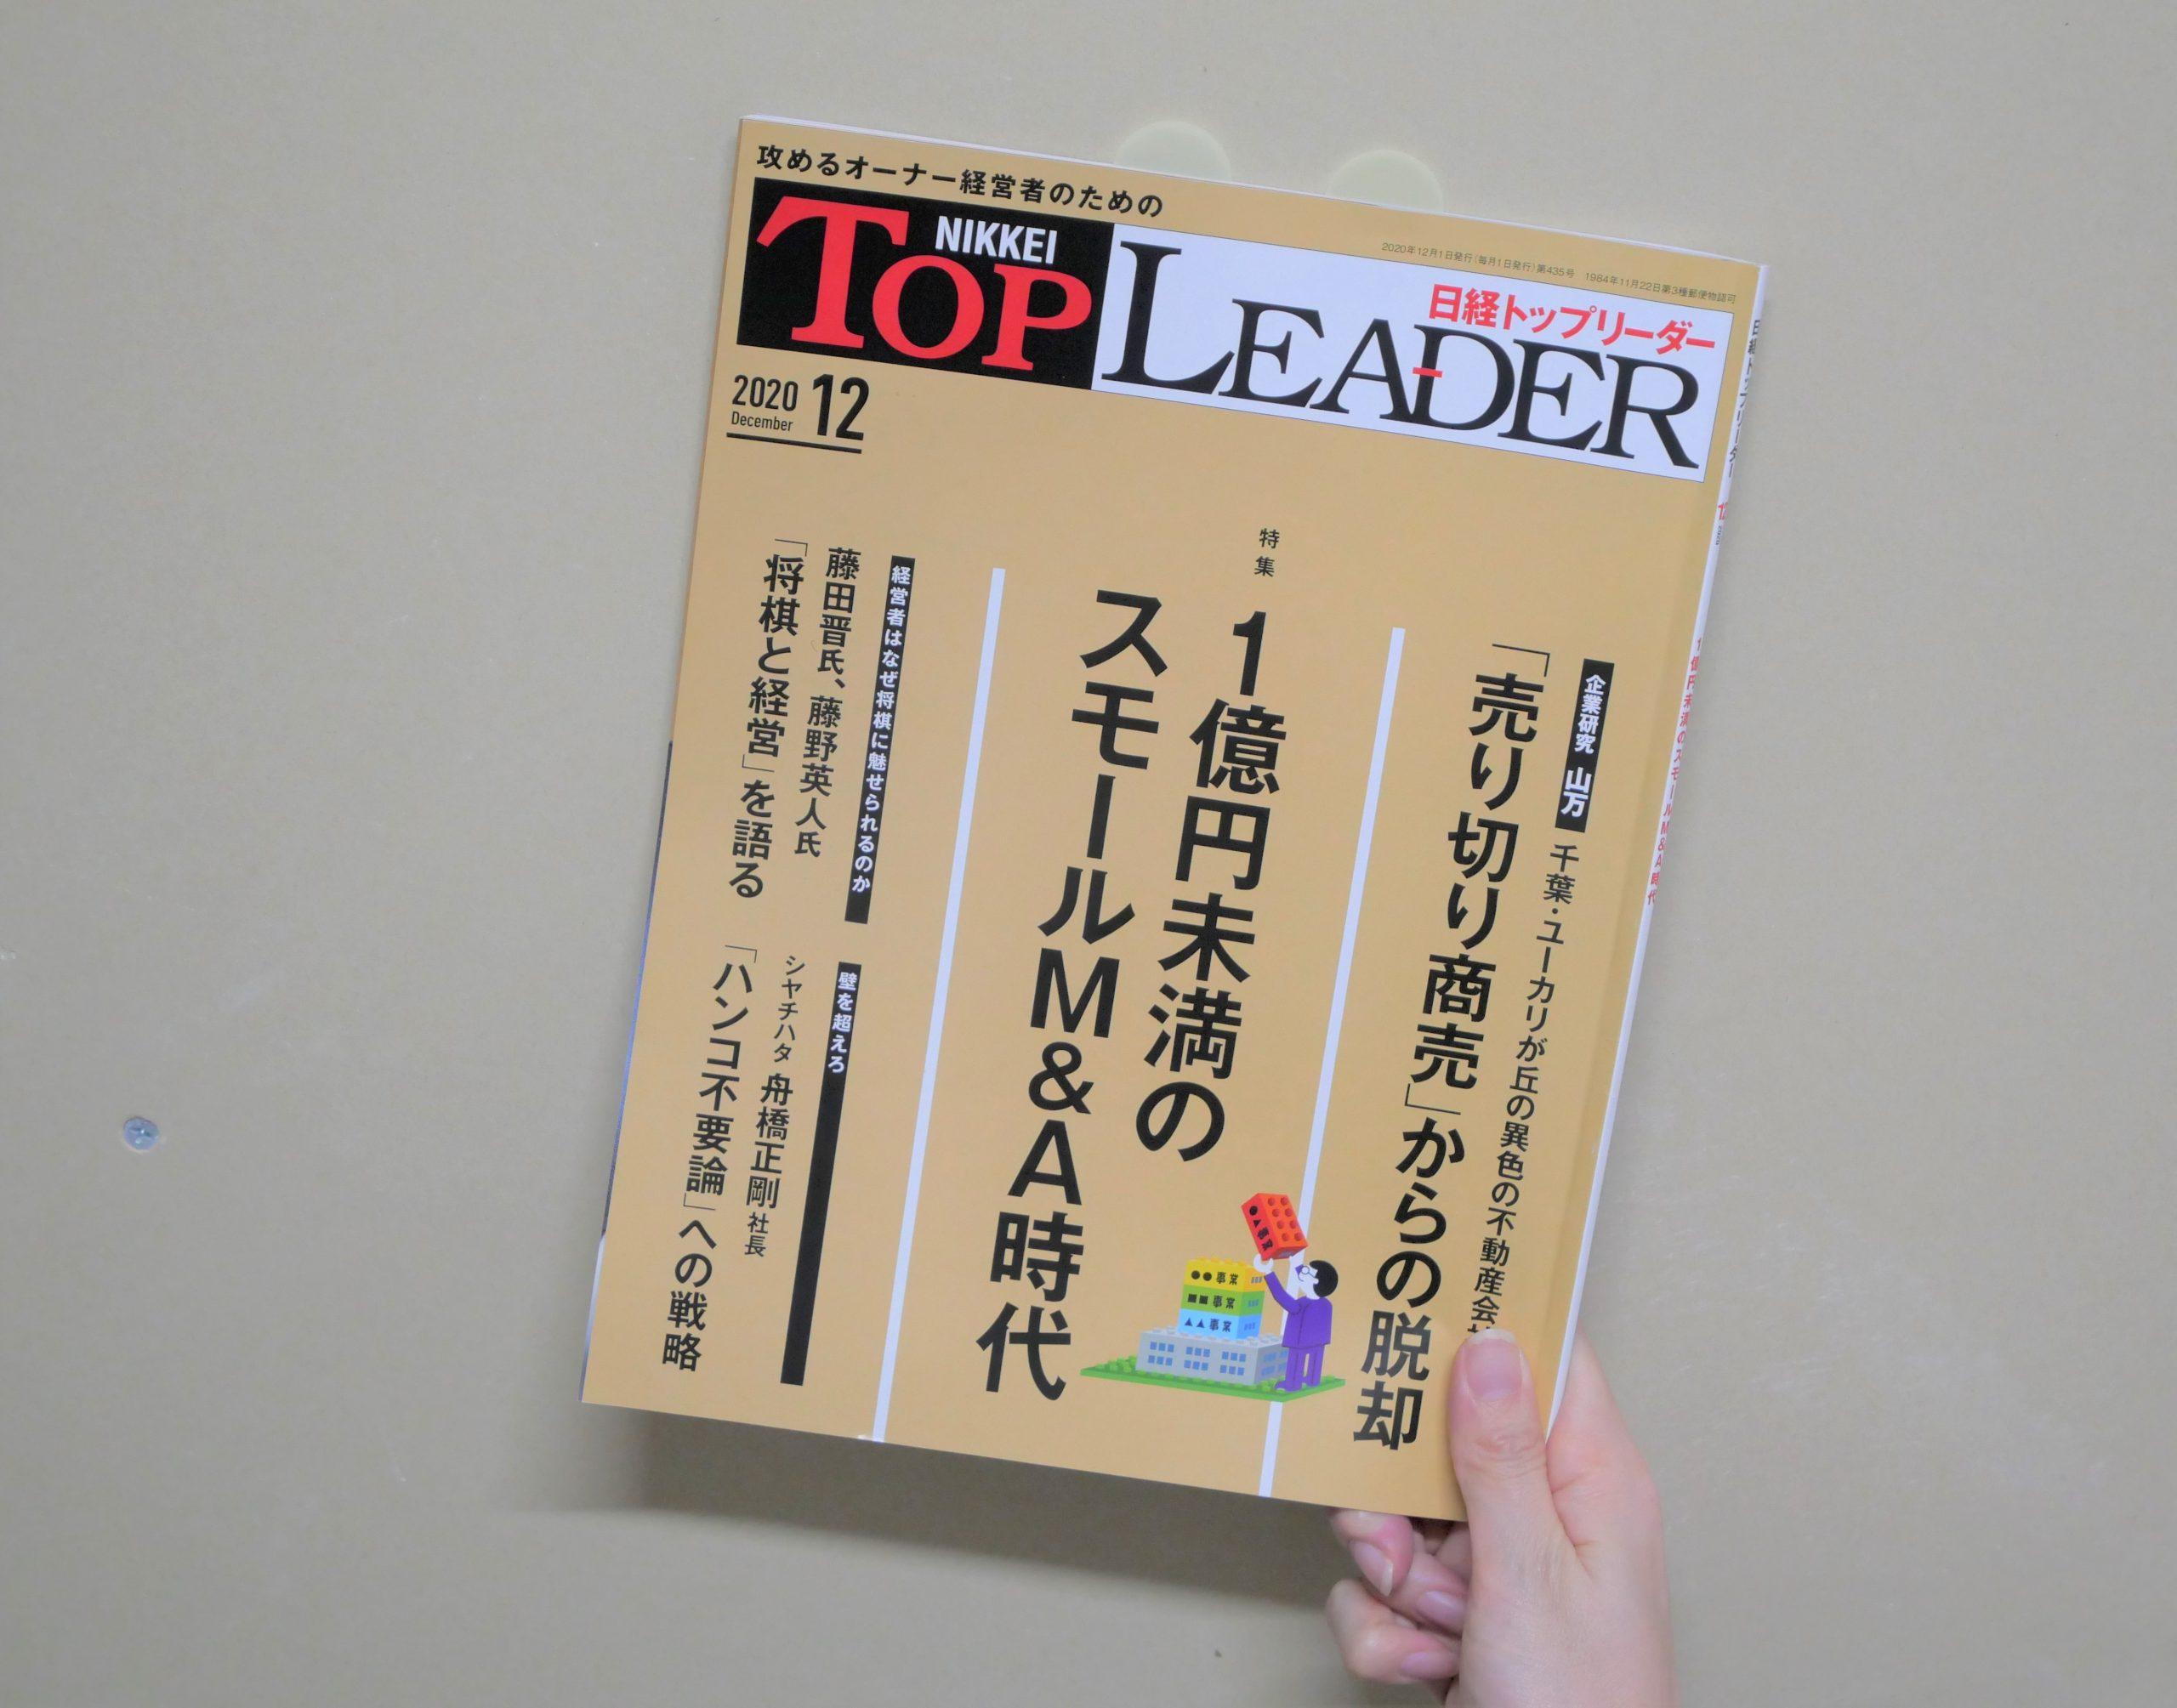 【購読雑誌紹介第一段】日経トップリーダー